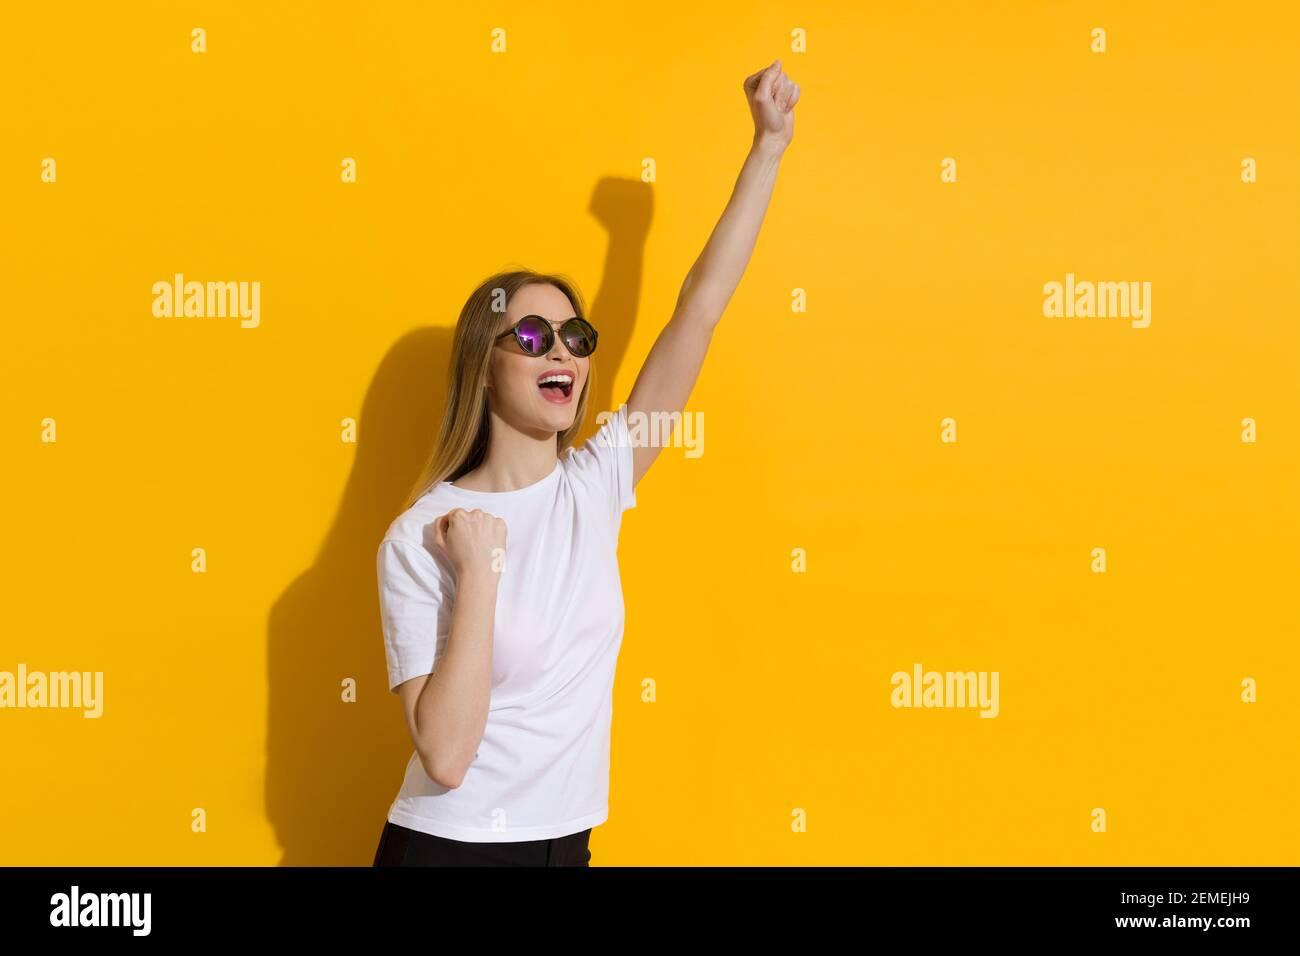 Bonne jeune femme blonde en chemise blanche et lunettes de soleil est debout avec le poing élevé et criant. Taille relevée sur fond jaune. Banque D'Images